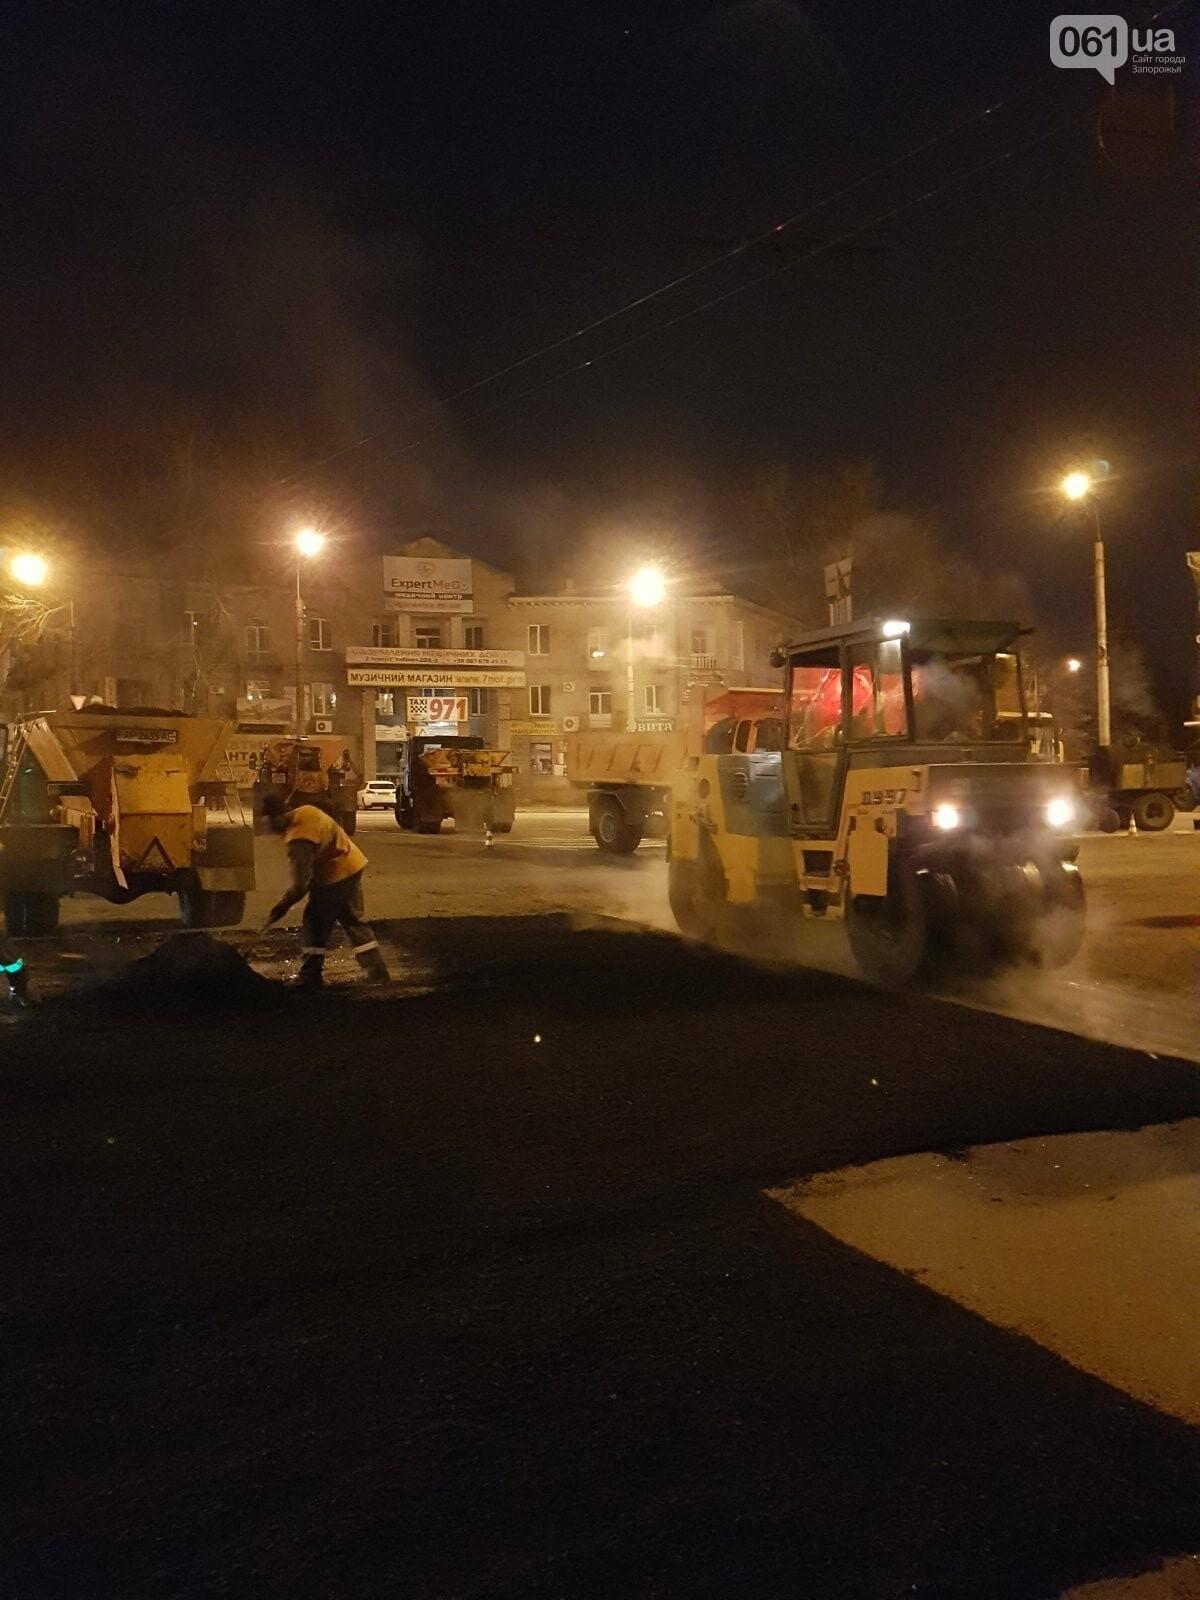 Запорожские коммунальщики ночью на мосту Преображенского ремонтировали дорогу, фото-3